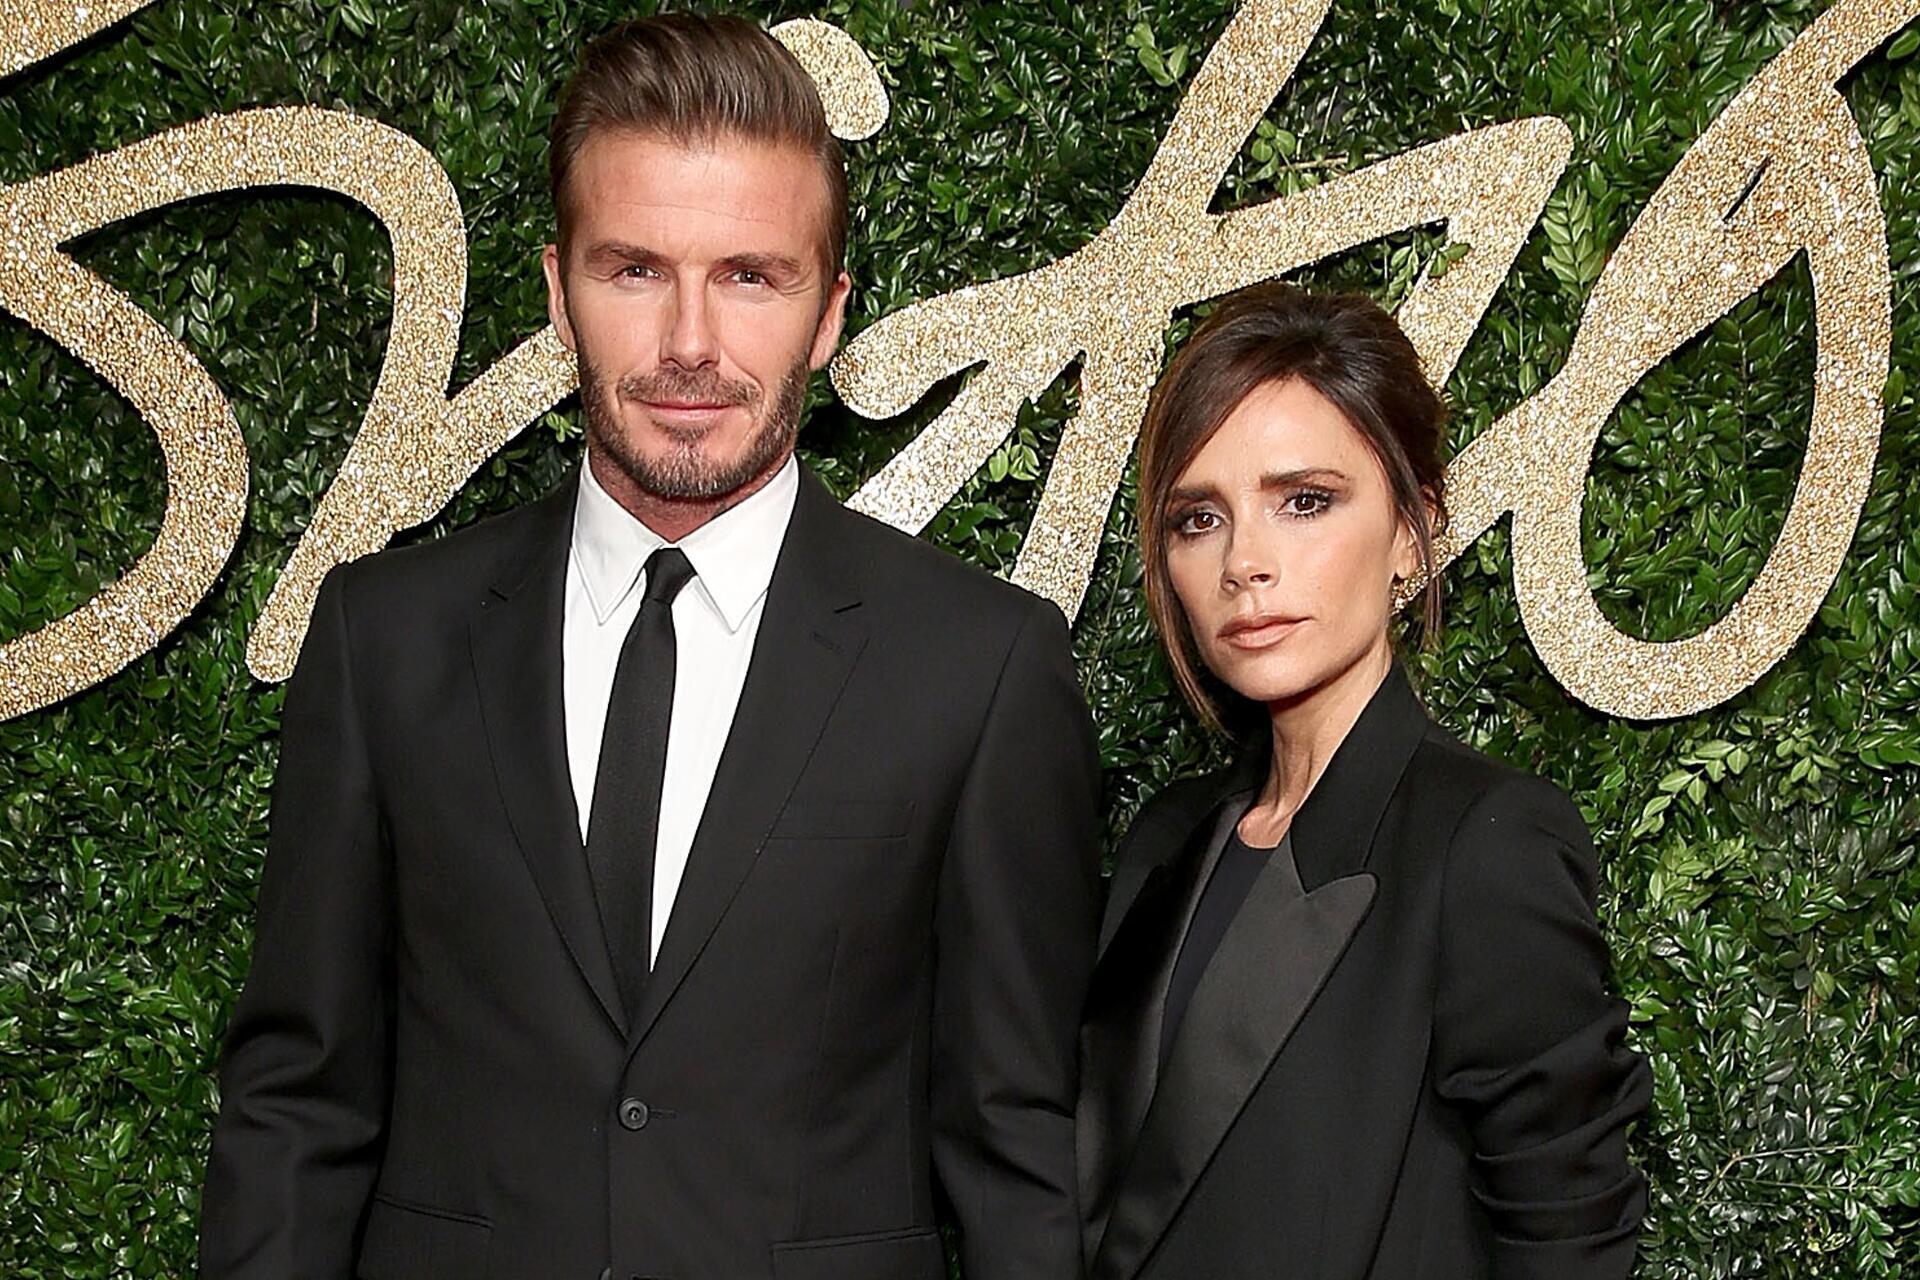 Bild zu David Beckham, Victoria Beckham, Villa, Verlust